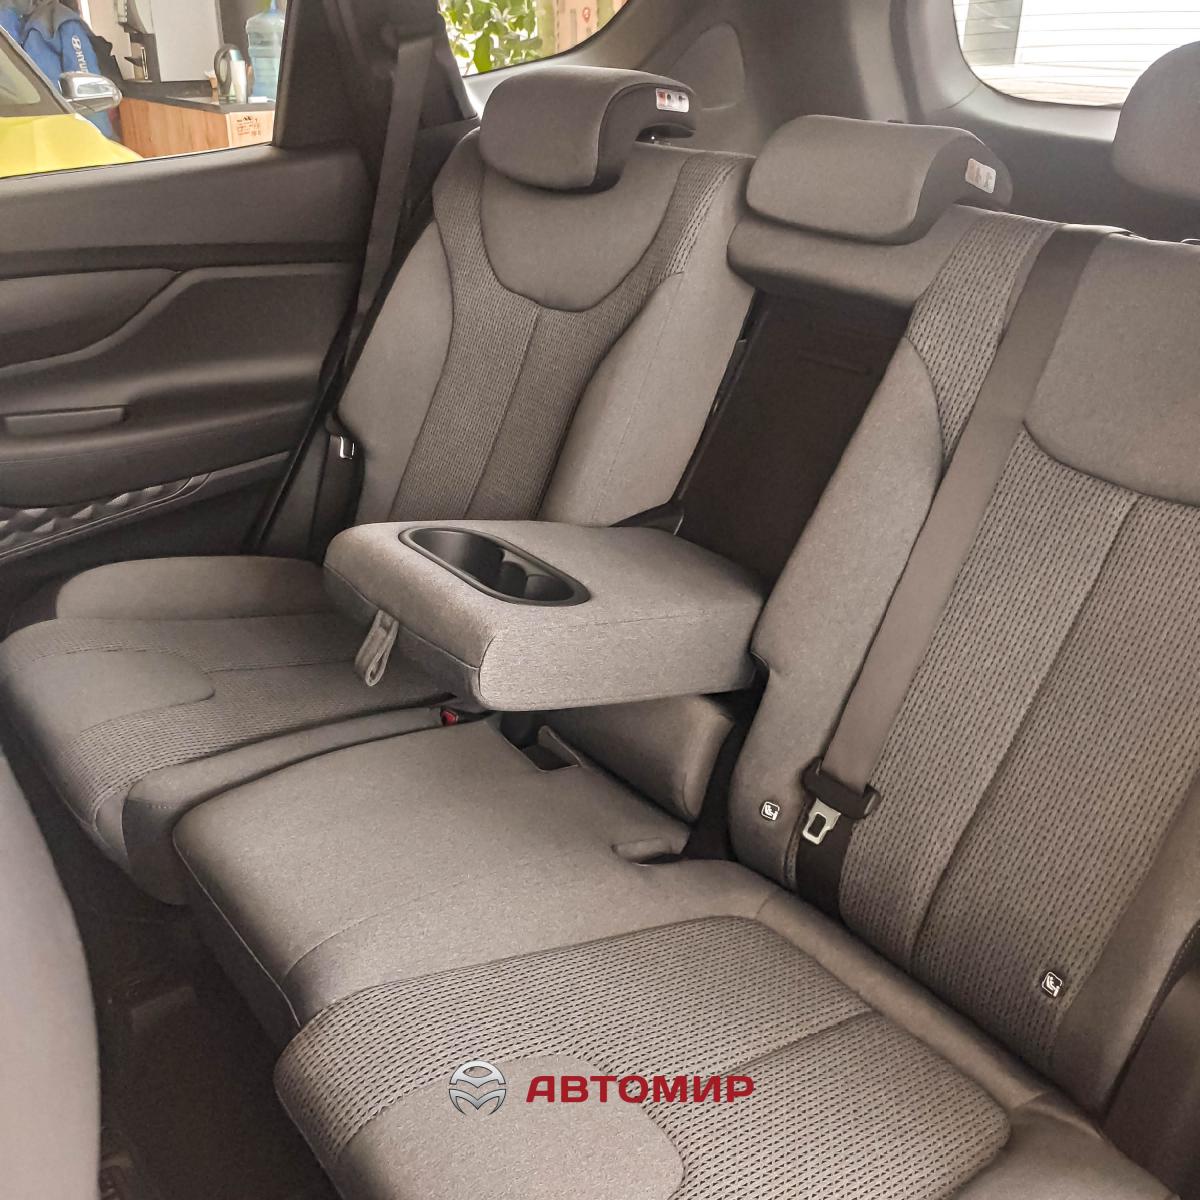 Теплі функції автомобілів Hyundai | Фрунзе-Авто - фото 9